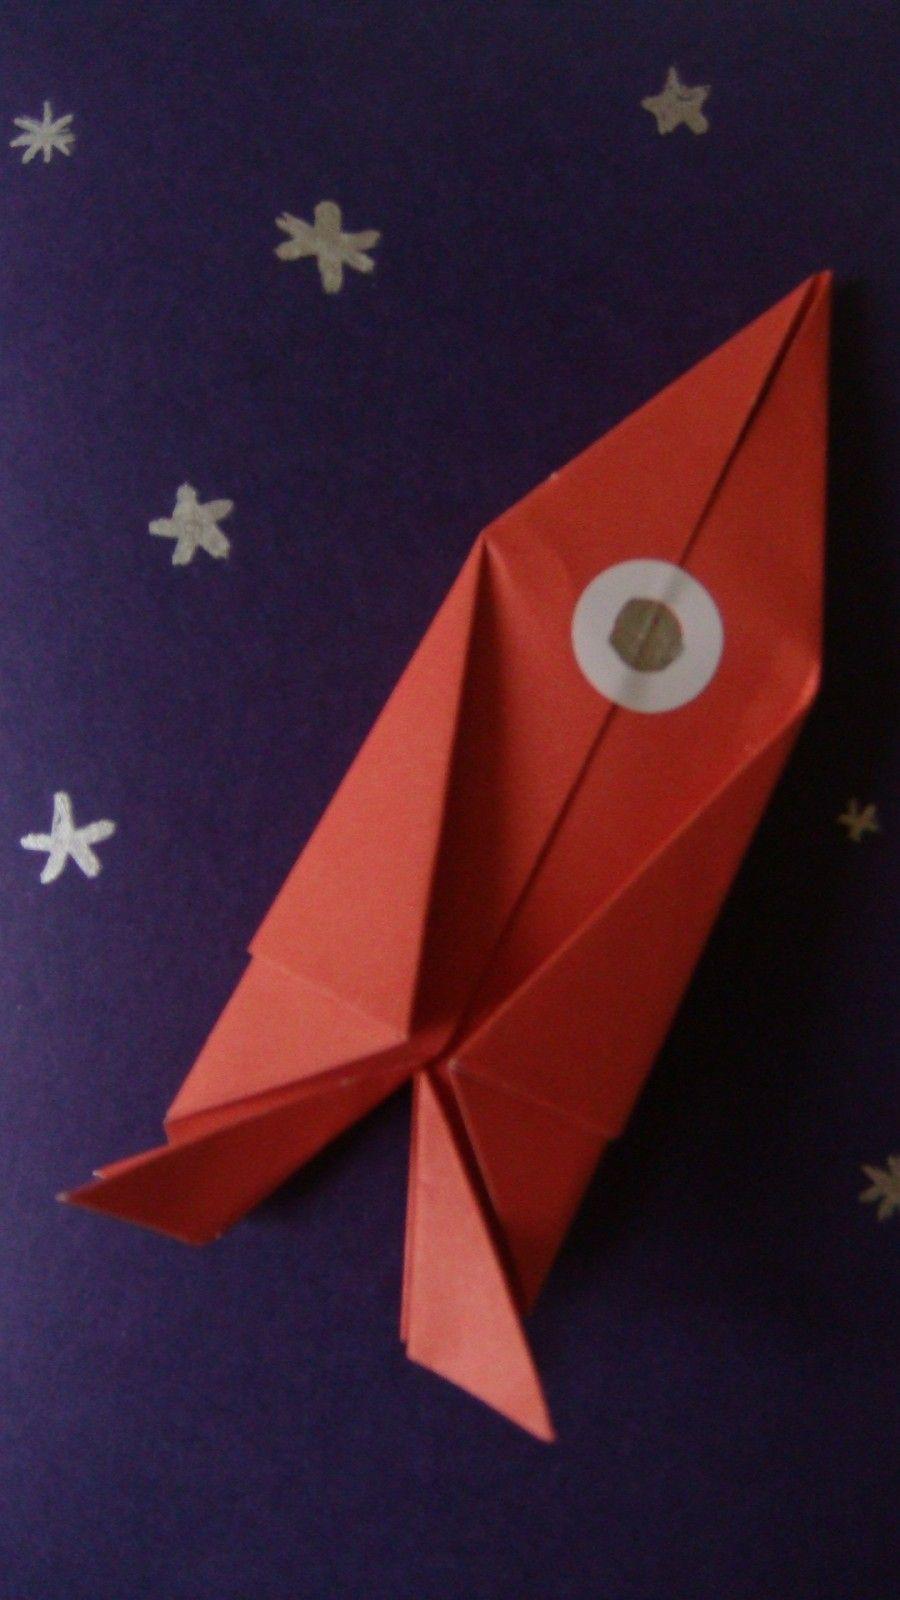 Origami fus e plan te bleue co pinterest origami d veloppement durable et astronomie - Tuto avion en papier ...